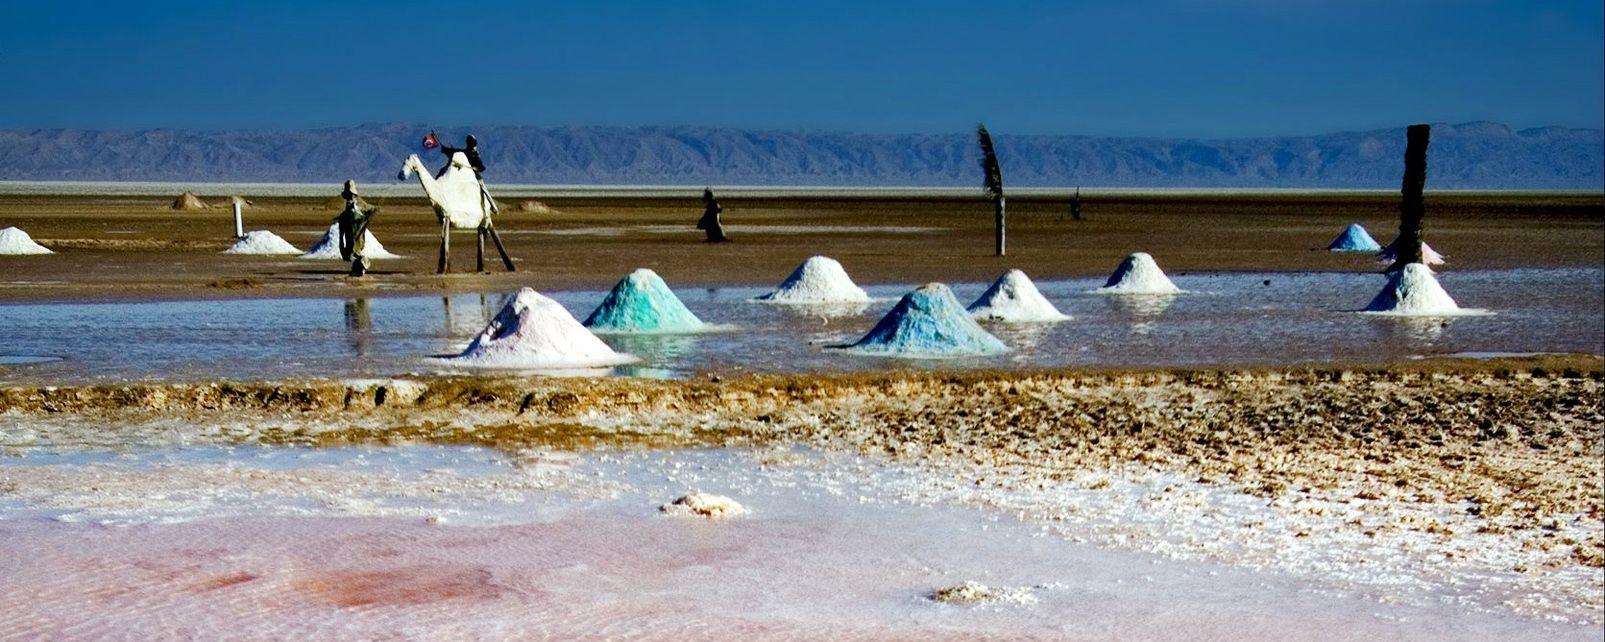 Les chotts, Les paysages, Tozeur, Tunisie